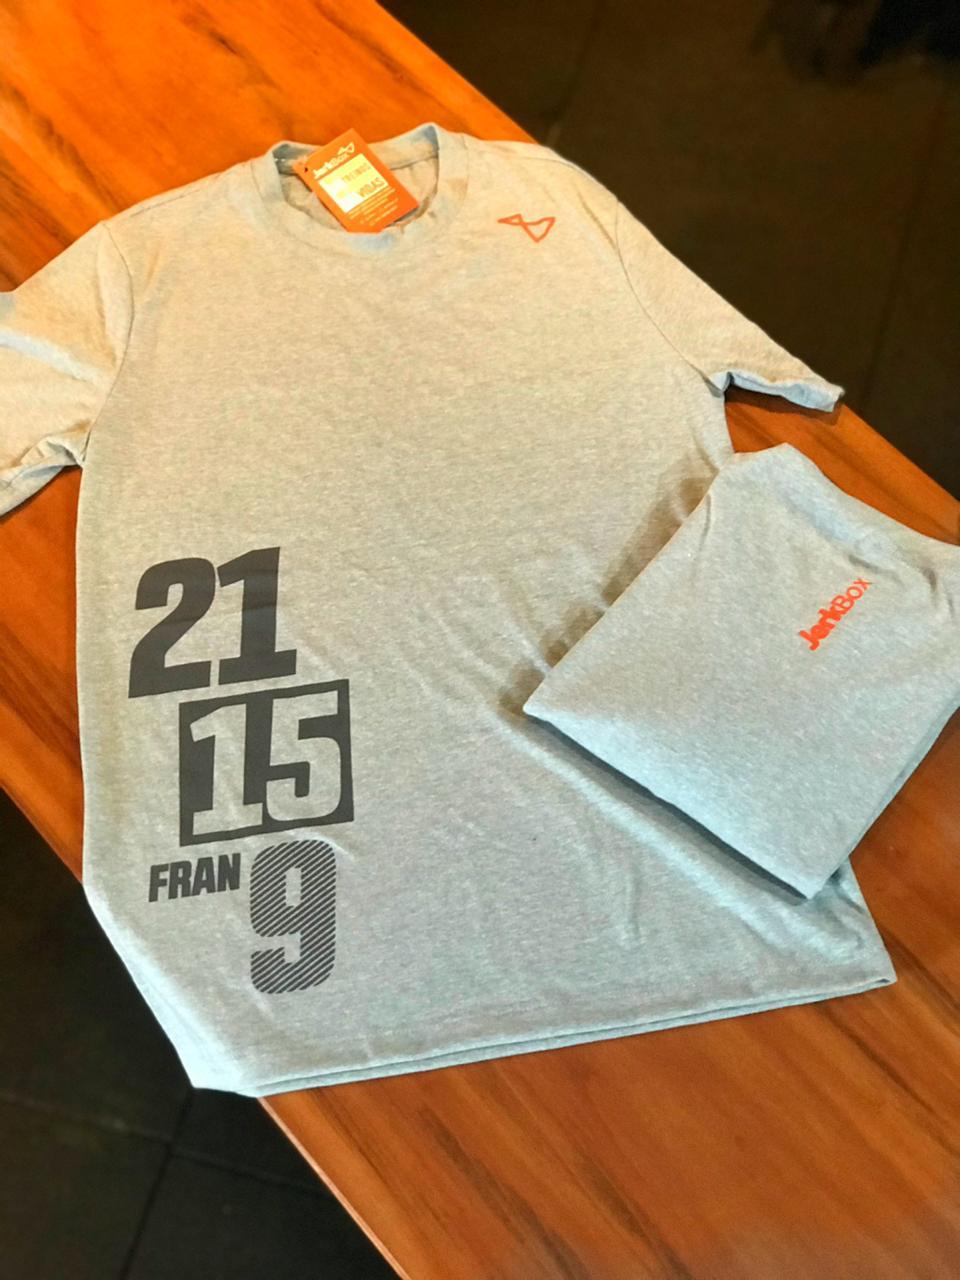 Camiseta Fran 21 15 9 Mescla Claro